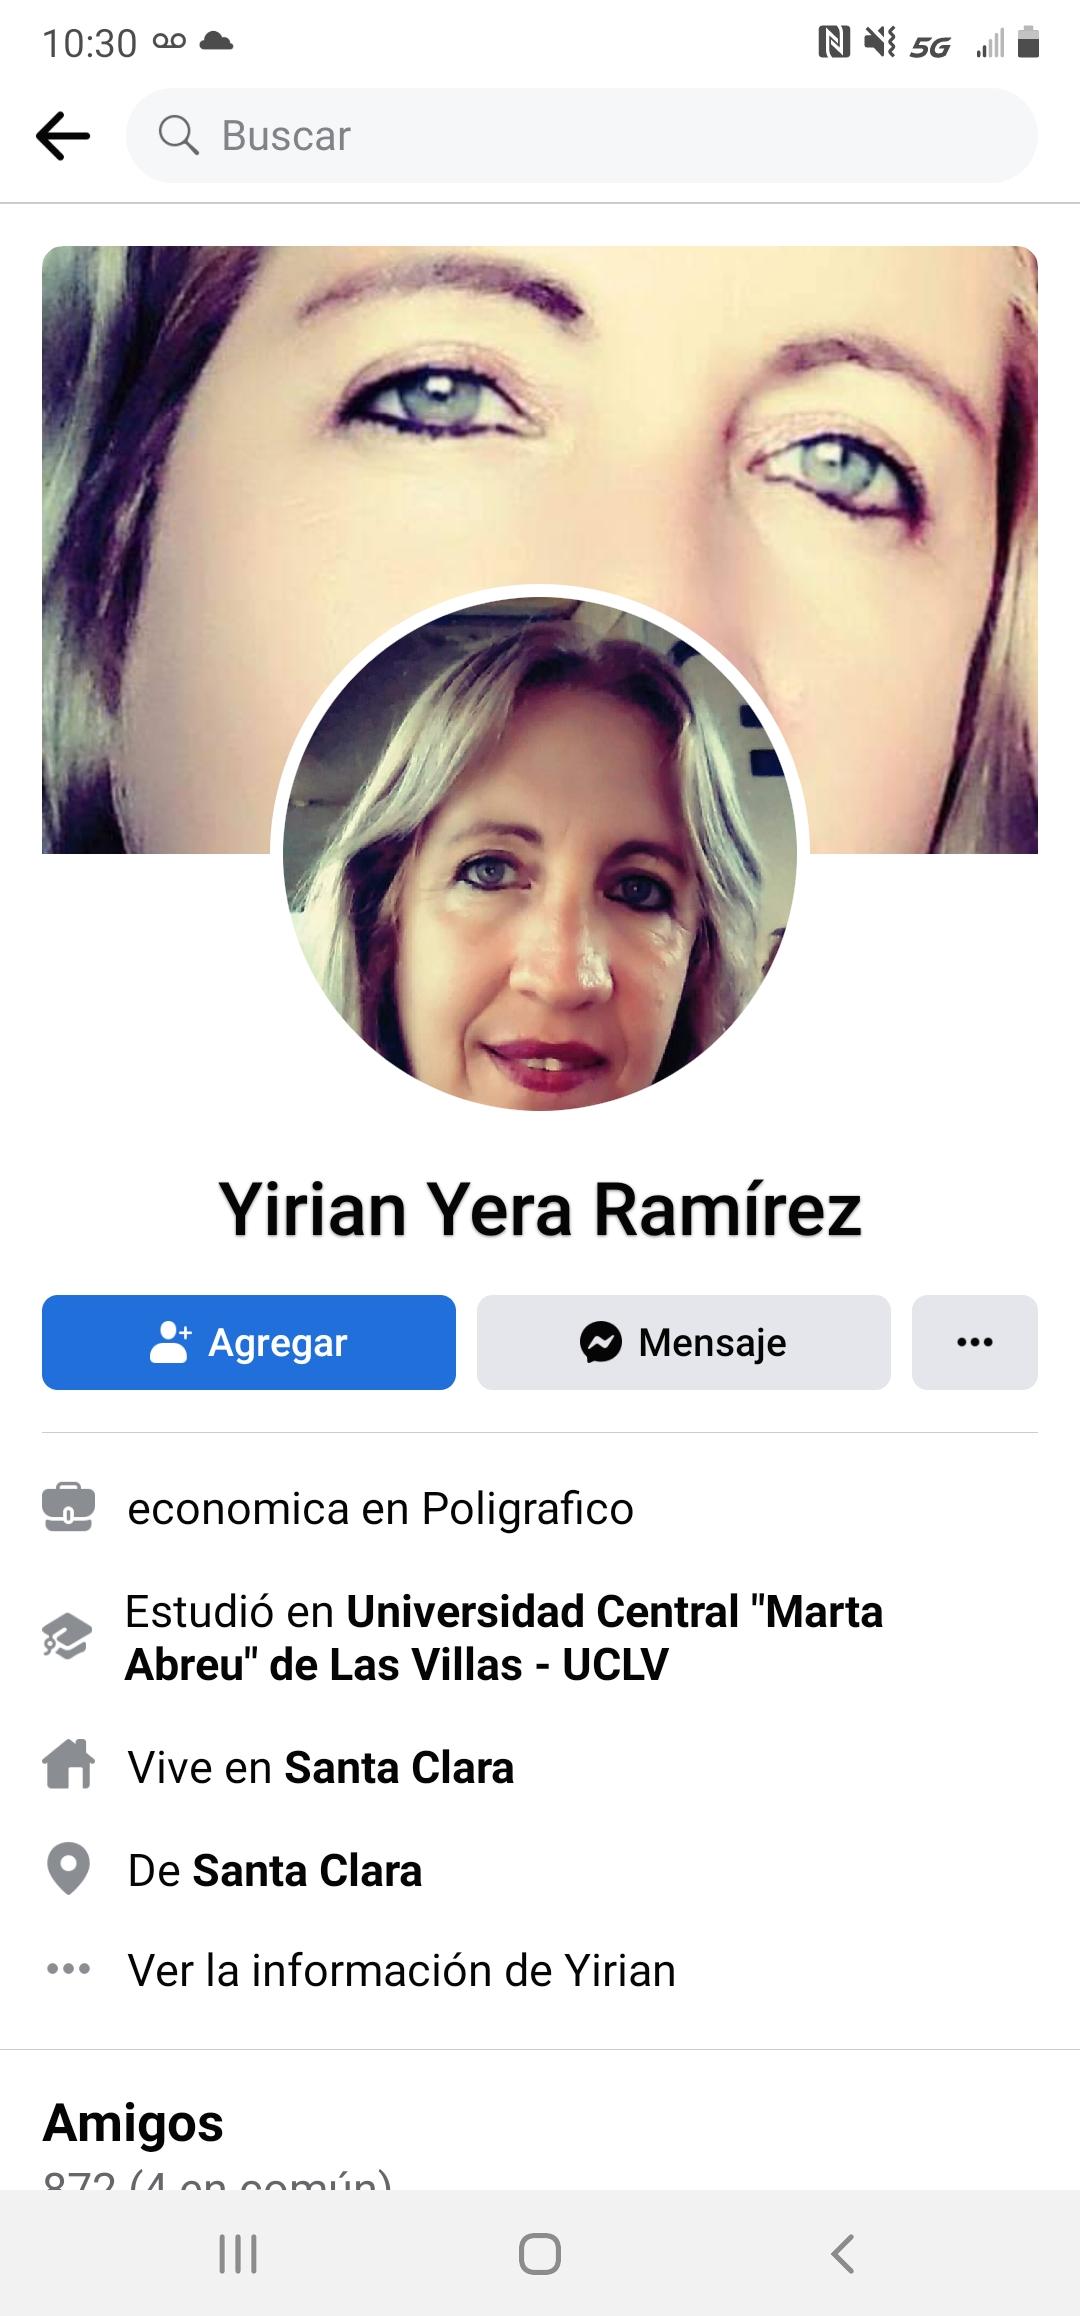 Yirian Yera Ramirez